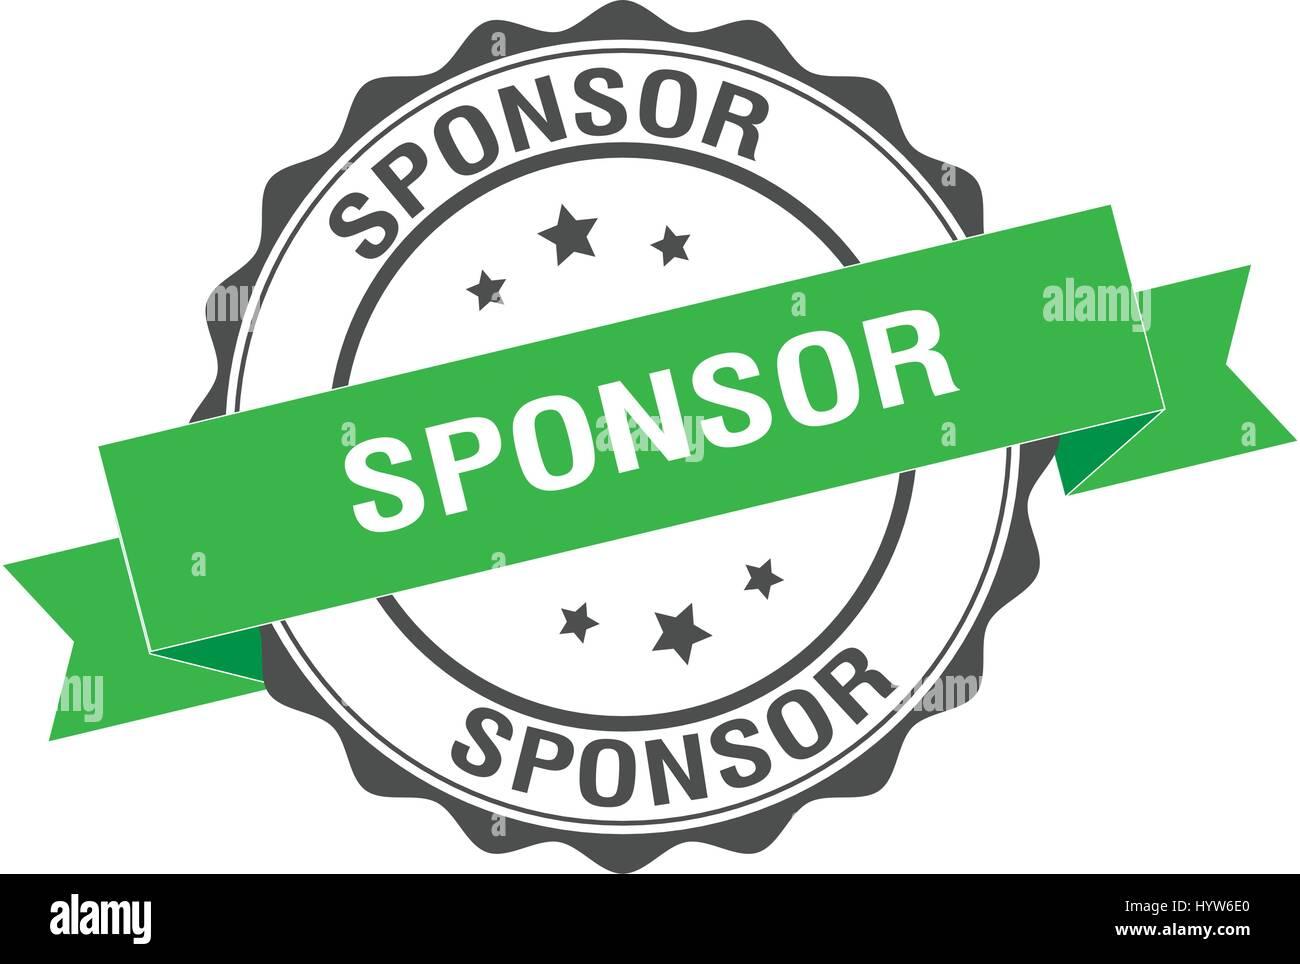 Sponsor-Stempel-Abbildung Stockbild